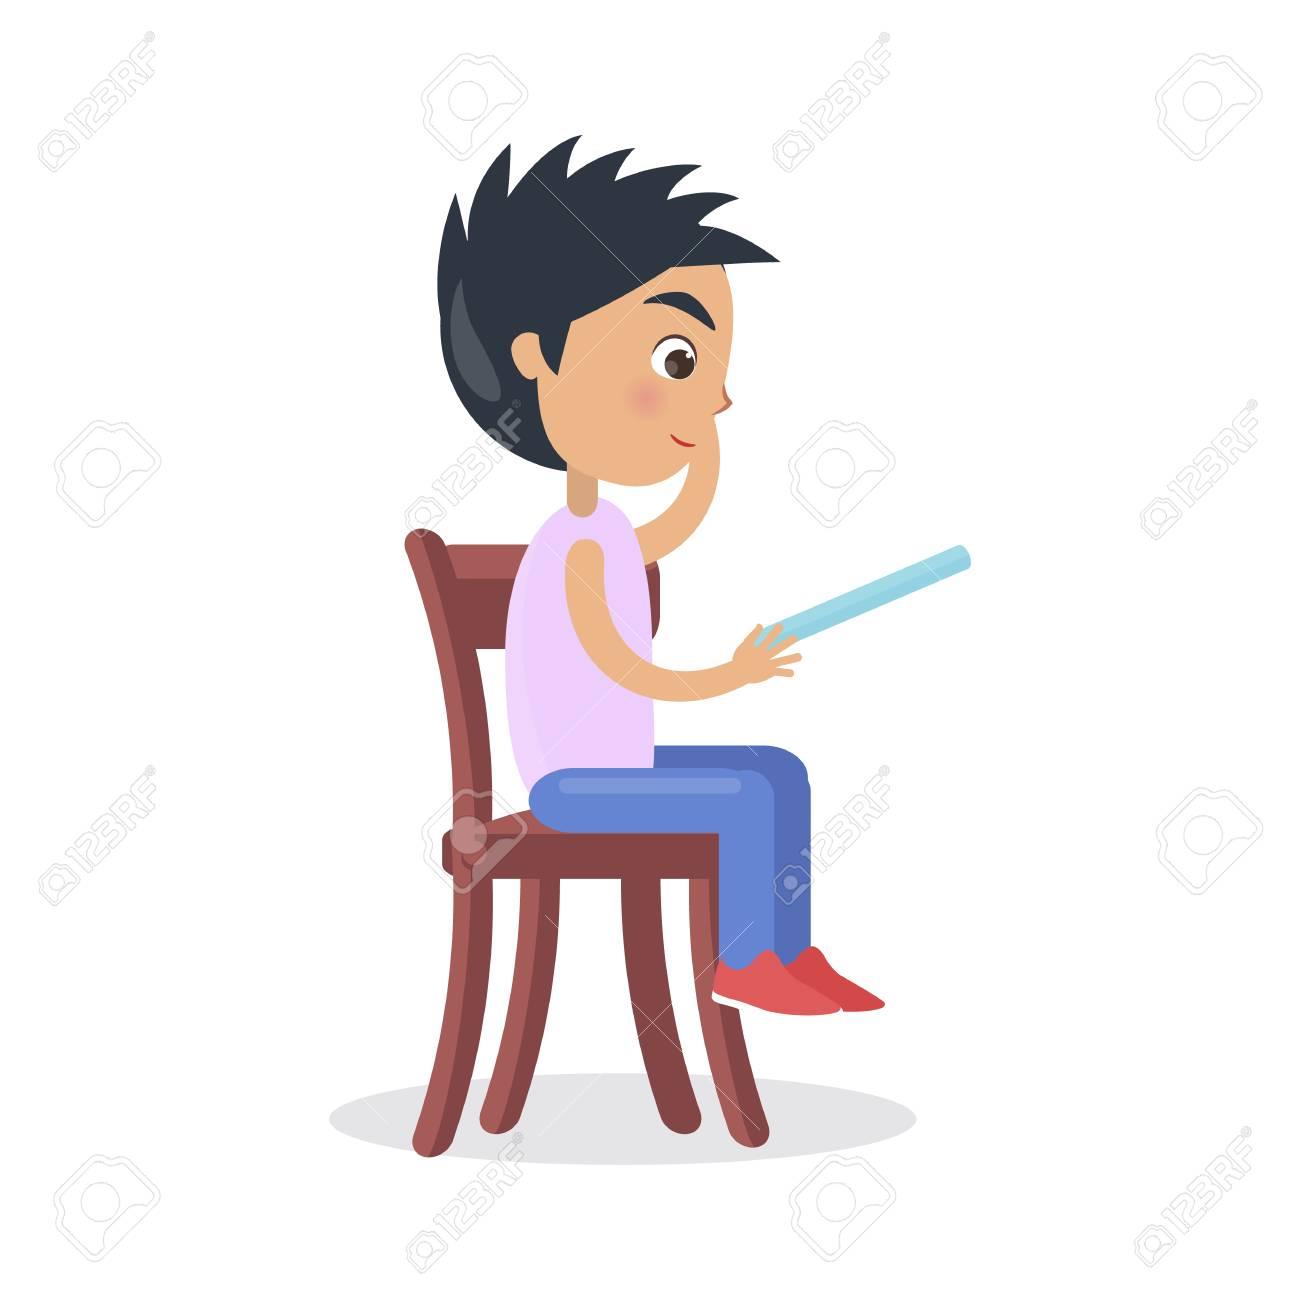 Perfil del niño sentado en la silla, leer el cuento de hadas